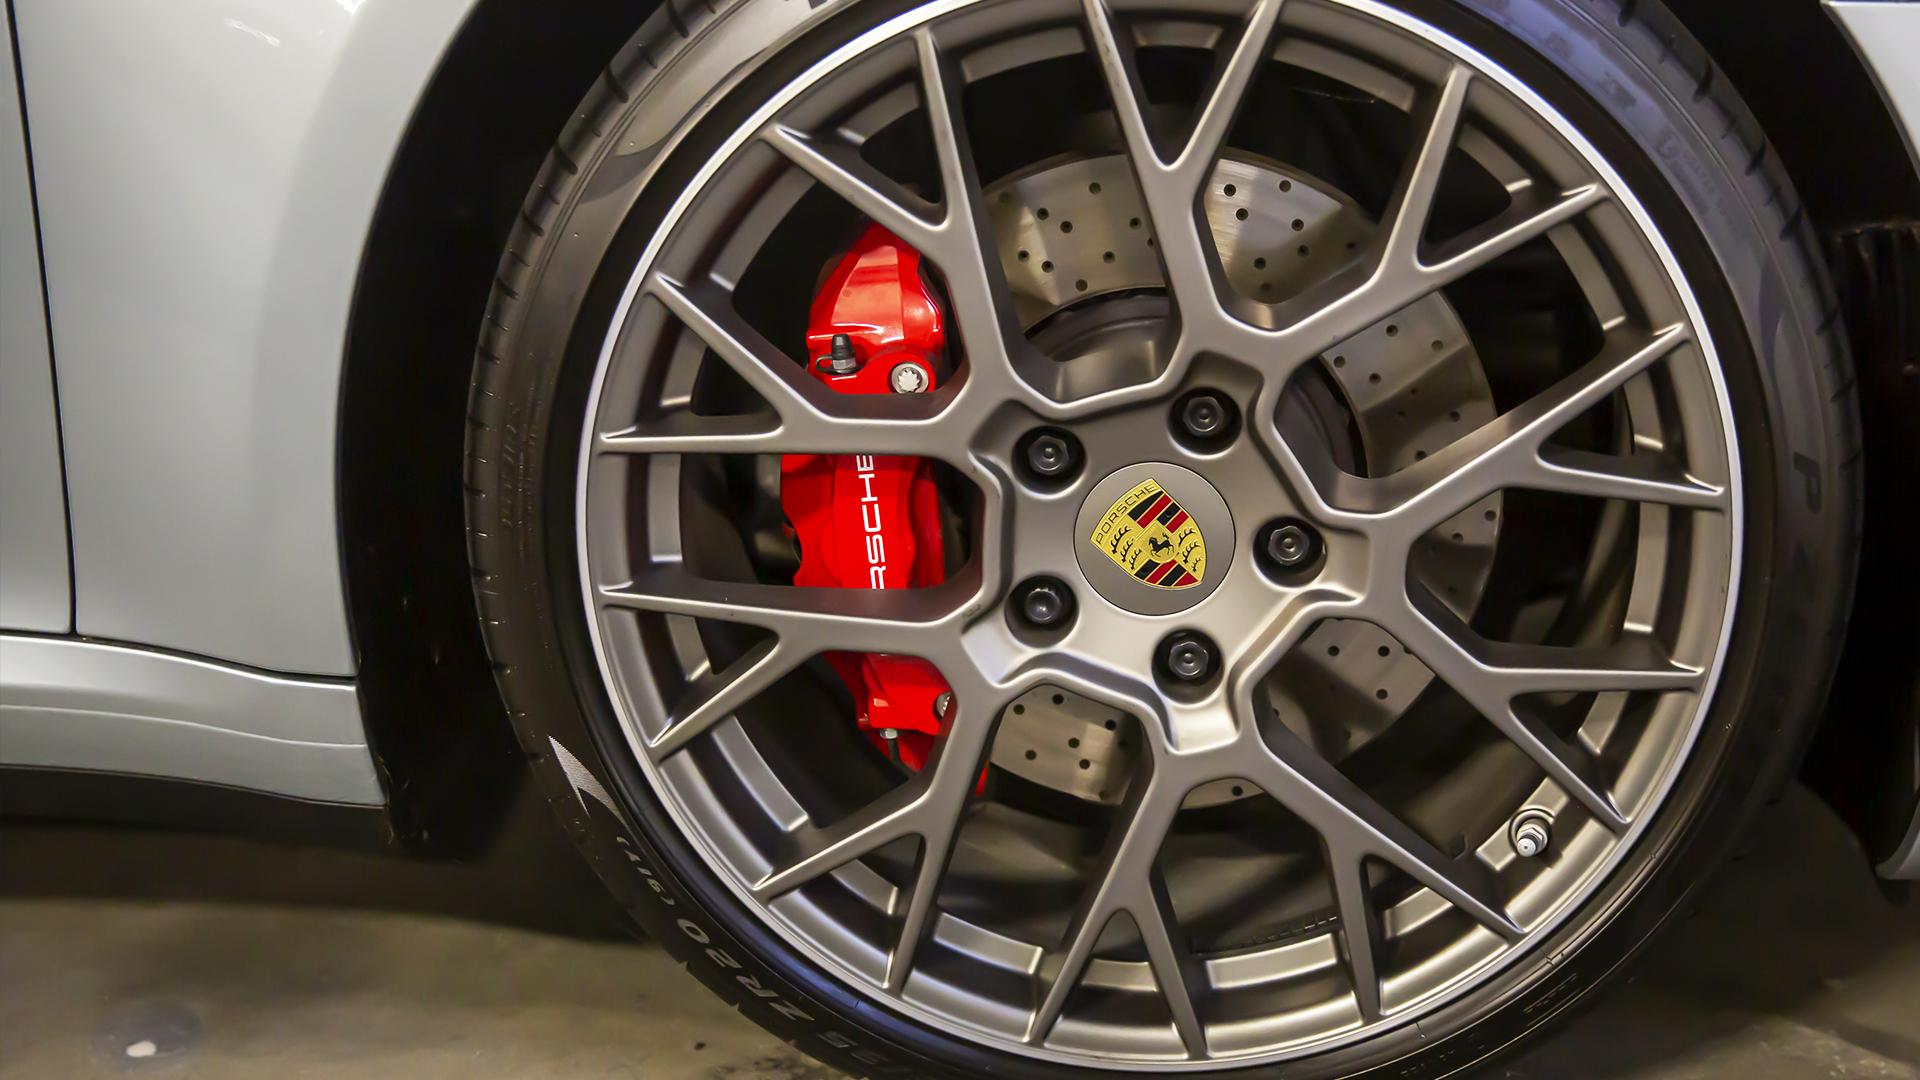 Billede Af Porsche Fælg